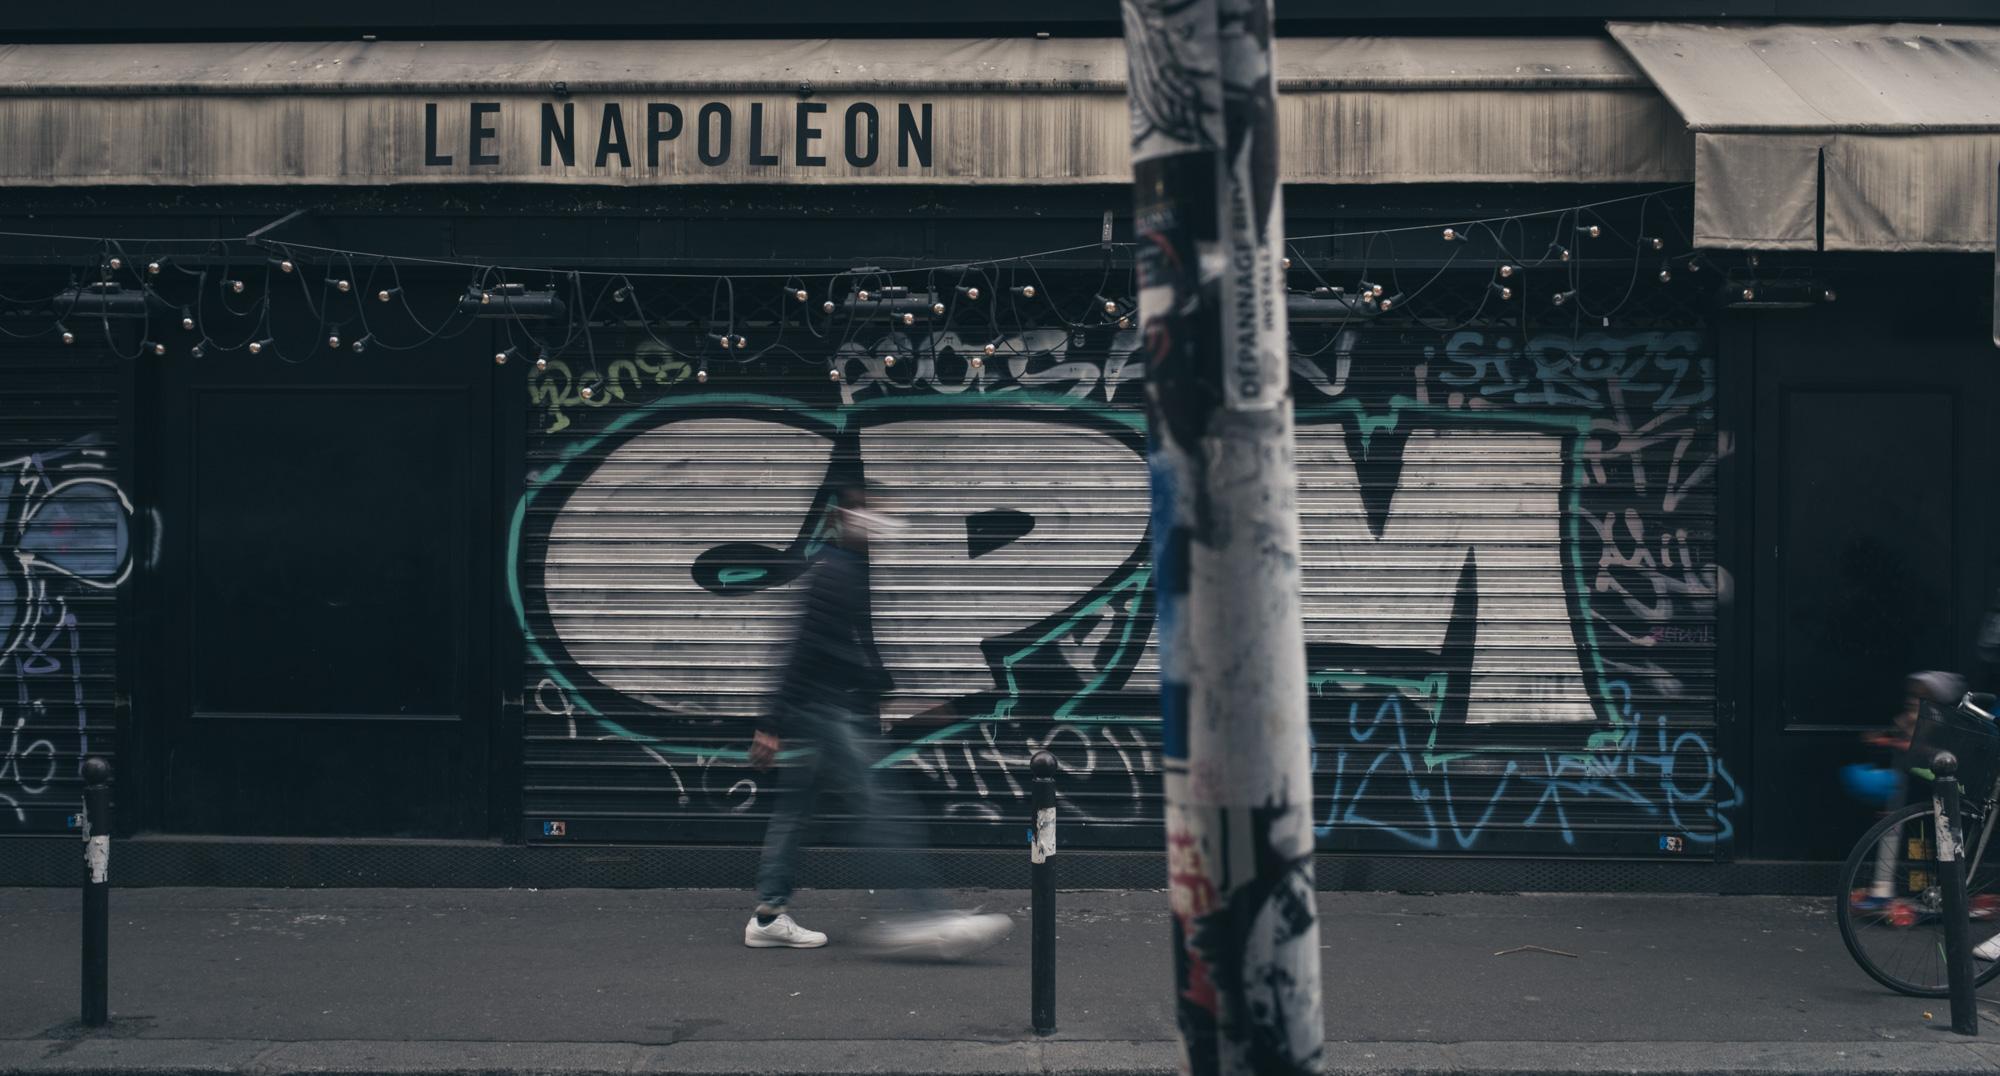 Le Napoléon - Faubourg St Denis. Covid side effects in Paris.